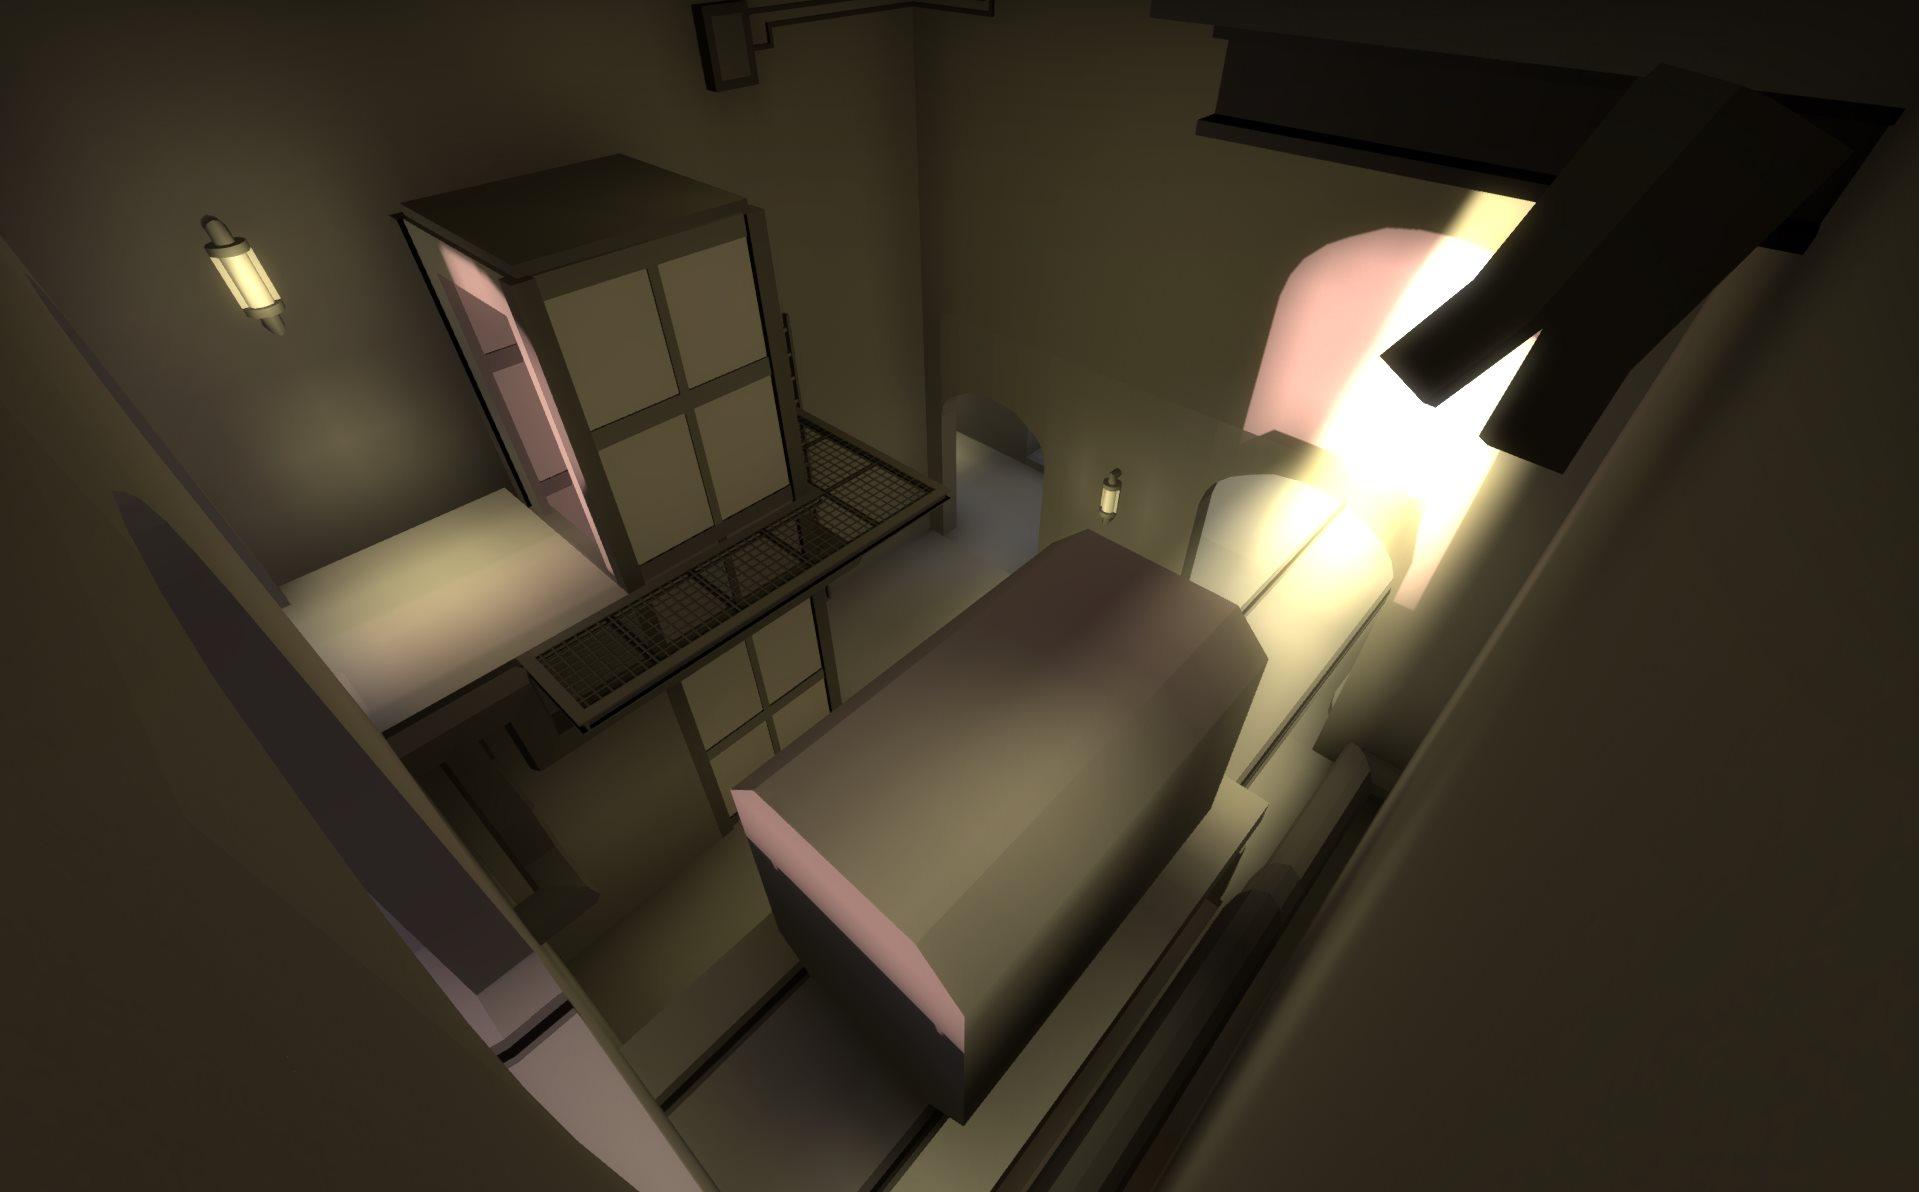 59d88979e2974_9-K118LWA-Gatehouse(removedrailingbettermovementonlift).jpg.aa6cc2a05d65495557f06b1f3bcf7a13.jpg